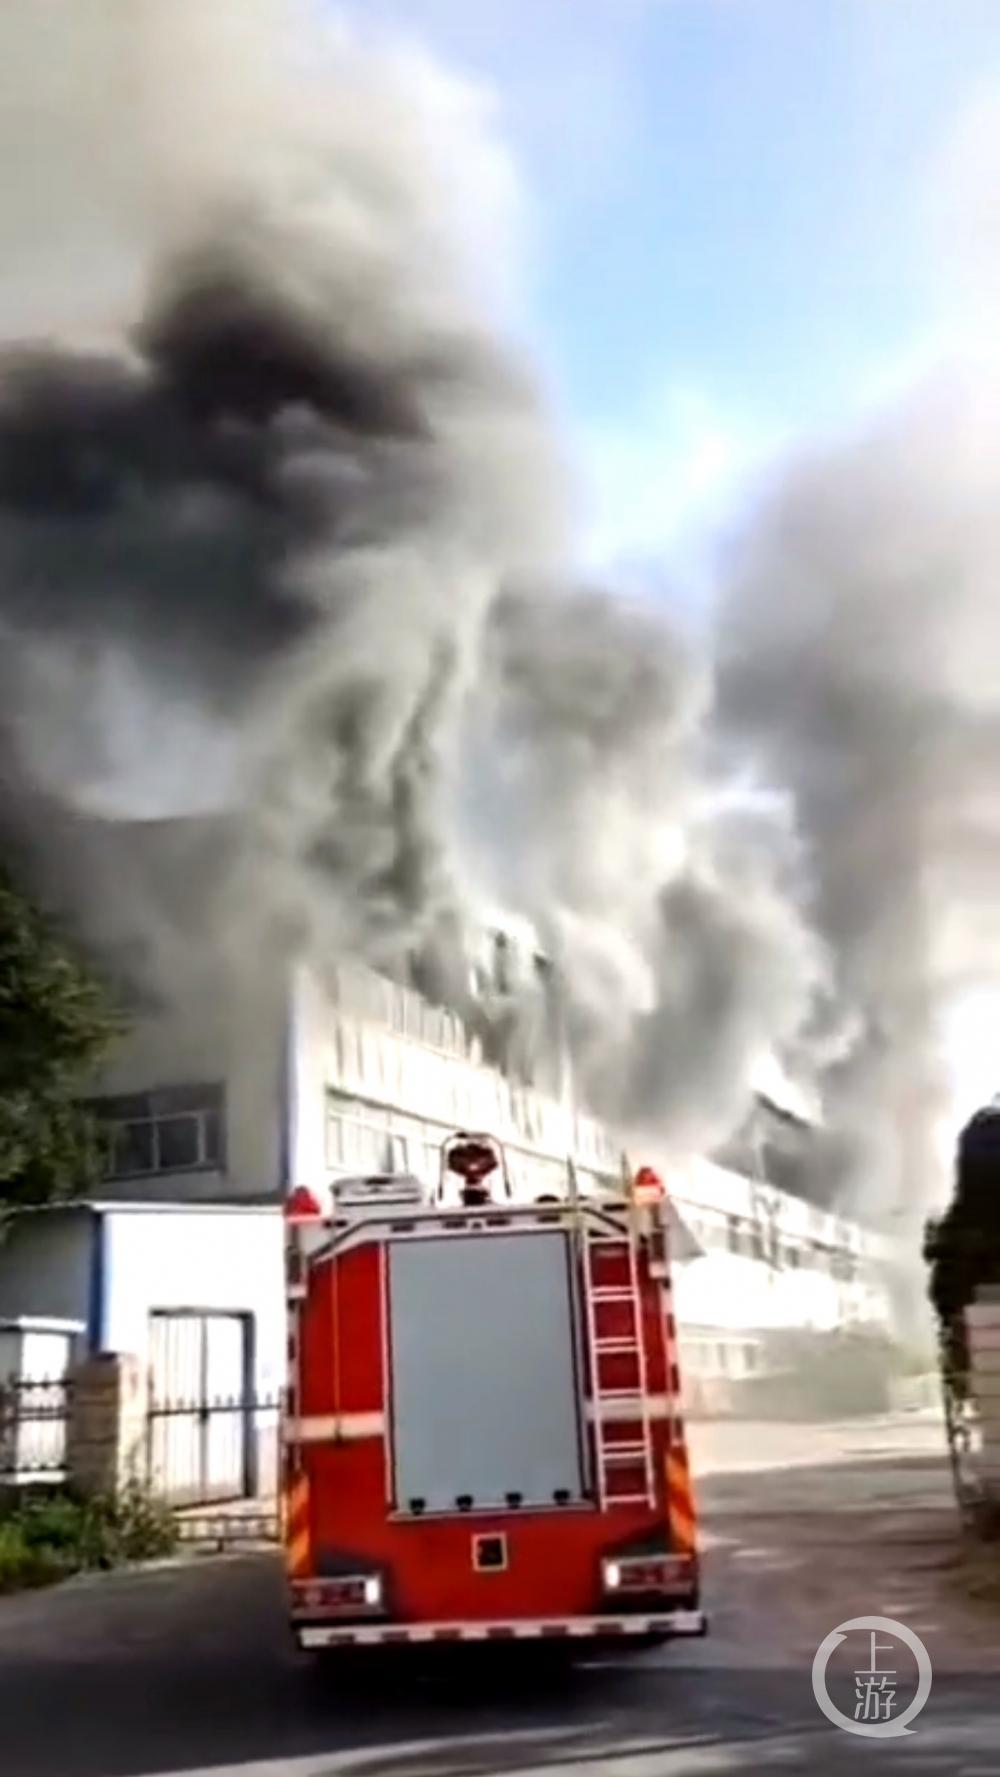 吉林长春物流仓库起火致14人死亡12人重伤,仓库内有婚纱摄影店等多家企业